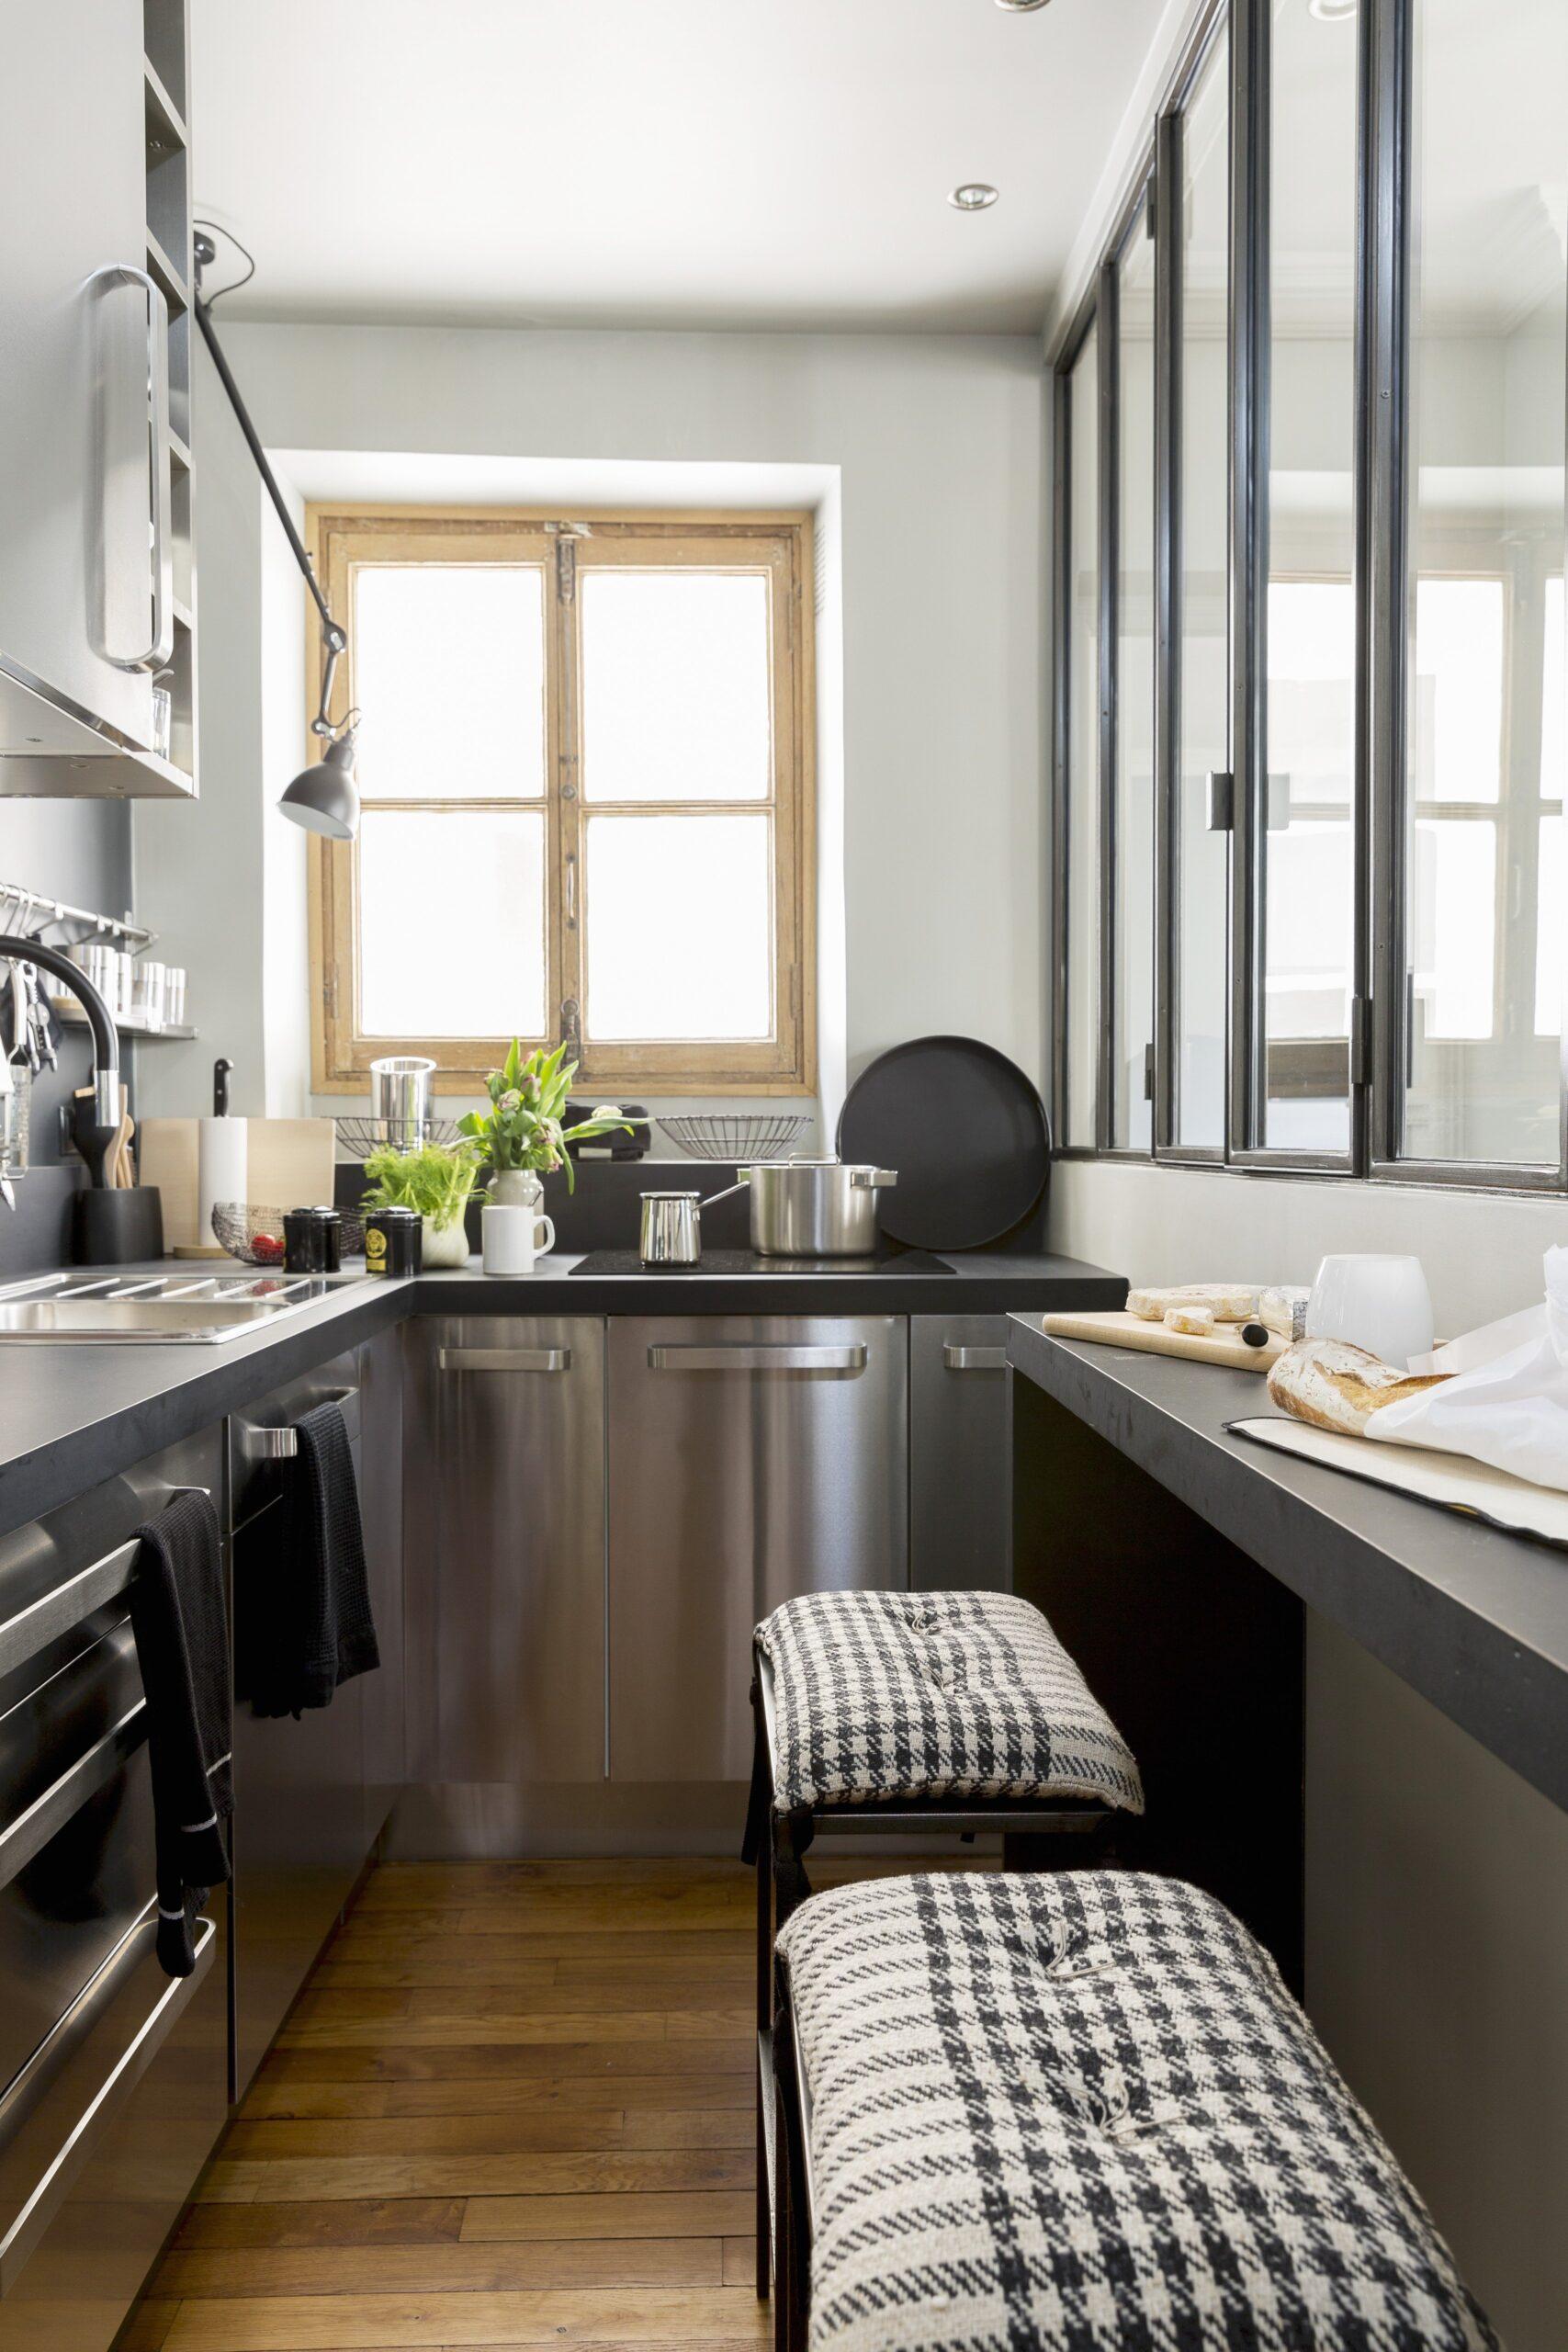 Full Size of Kleine Küche Planen Kche Einrichten Ideen Fr Mehr Platz Das Haus Tapeten Für Fliesenspiegel Selber Machen Grifflose Wandbelag Was Kostet Eine Granitplatten Wohnzimmer Kleine Küche Planen